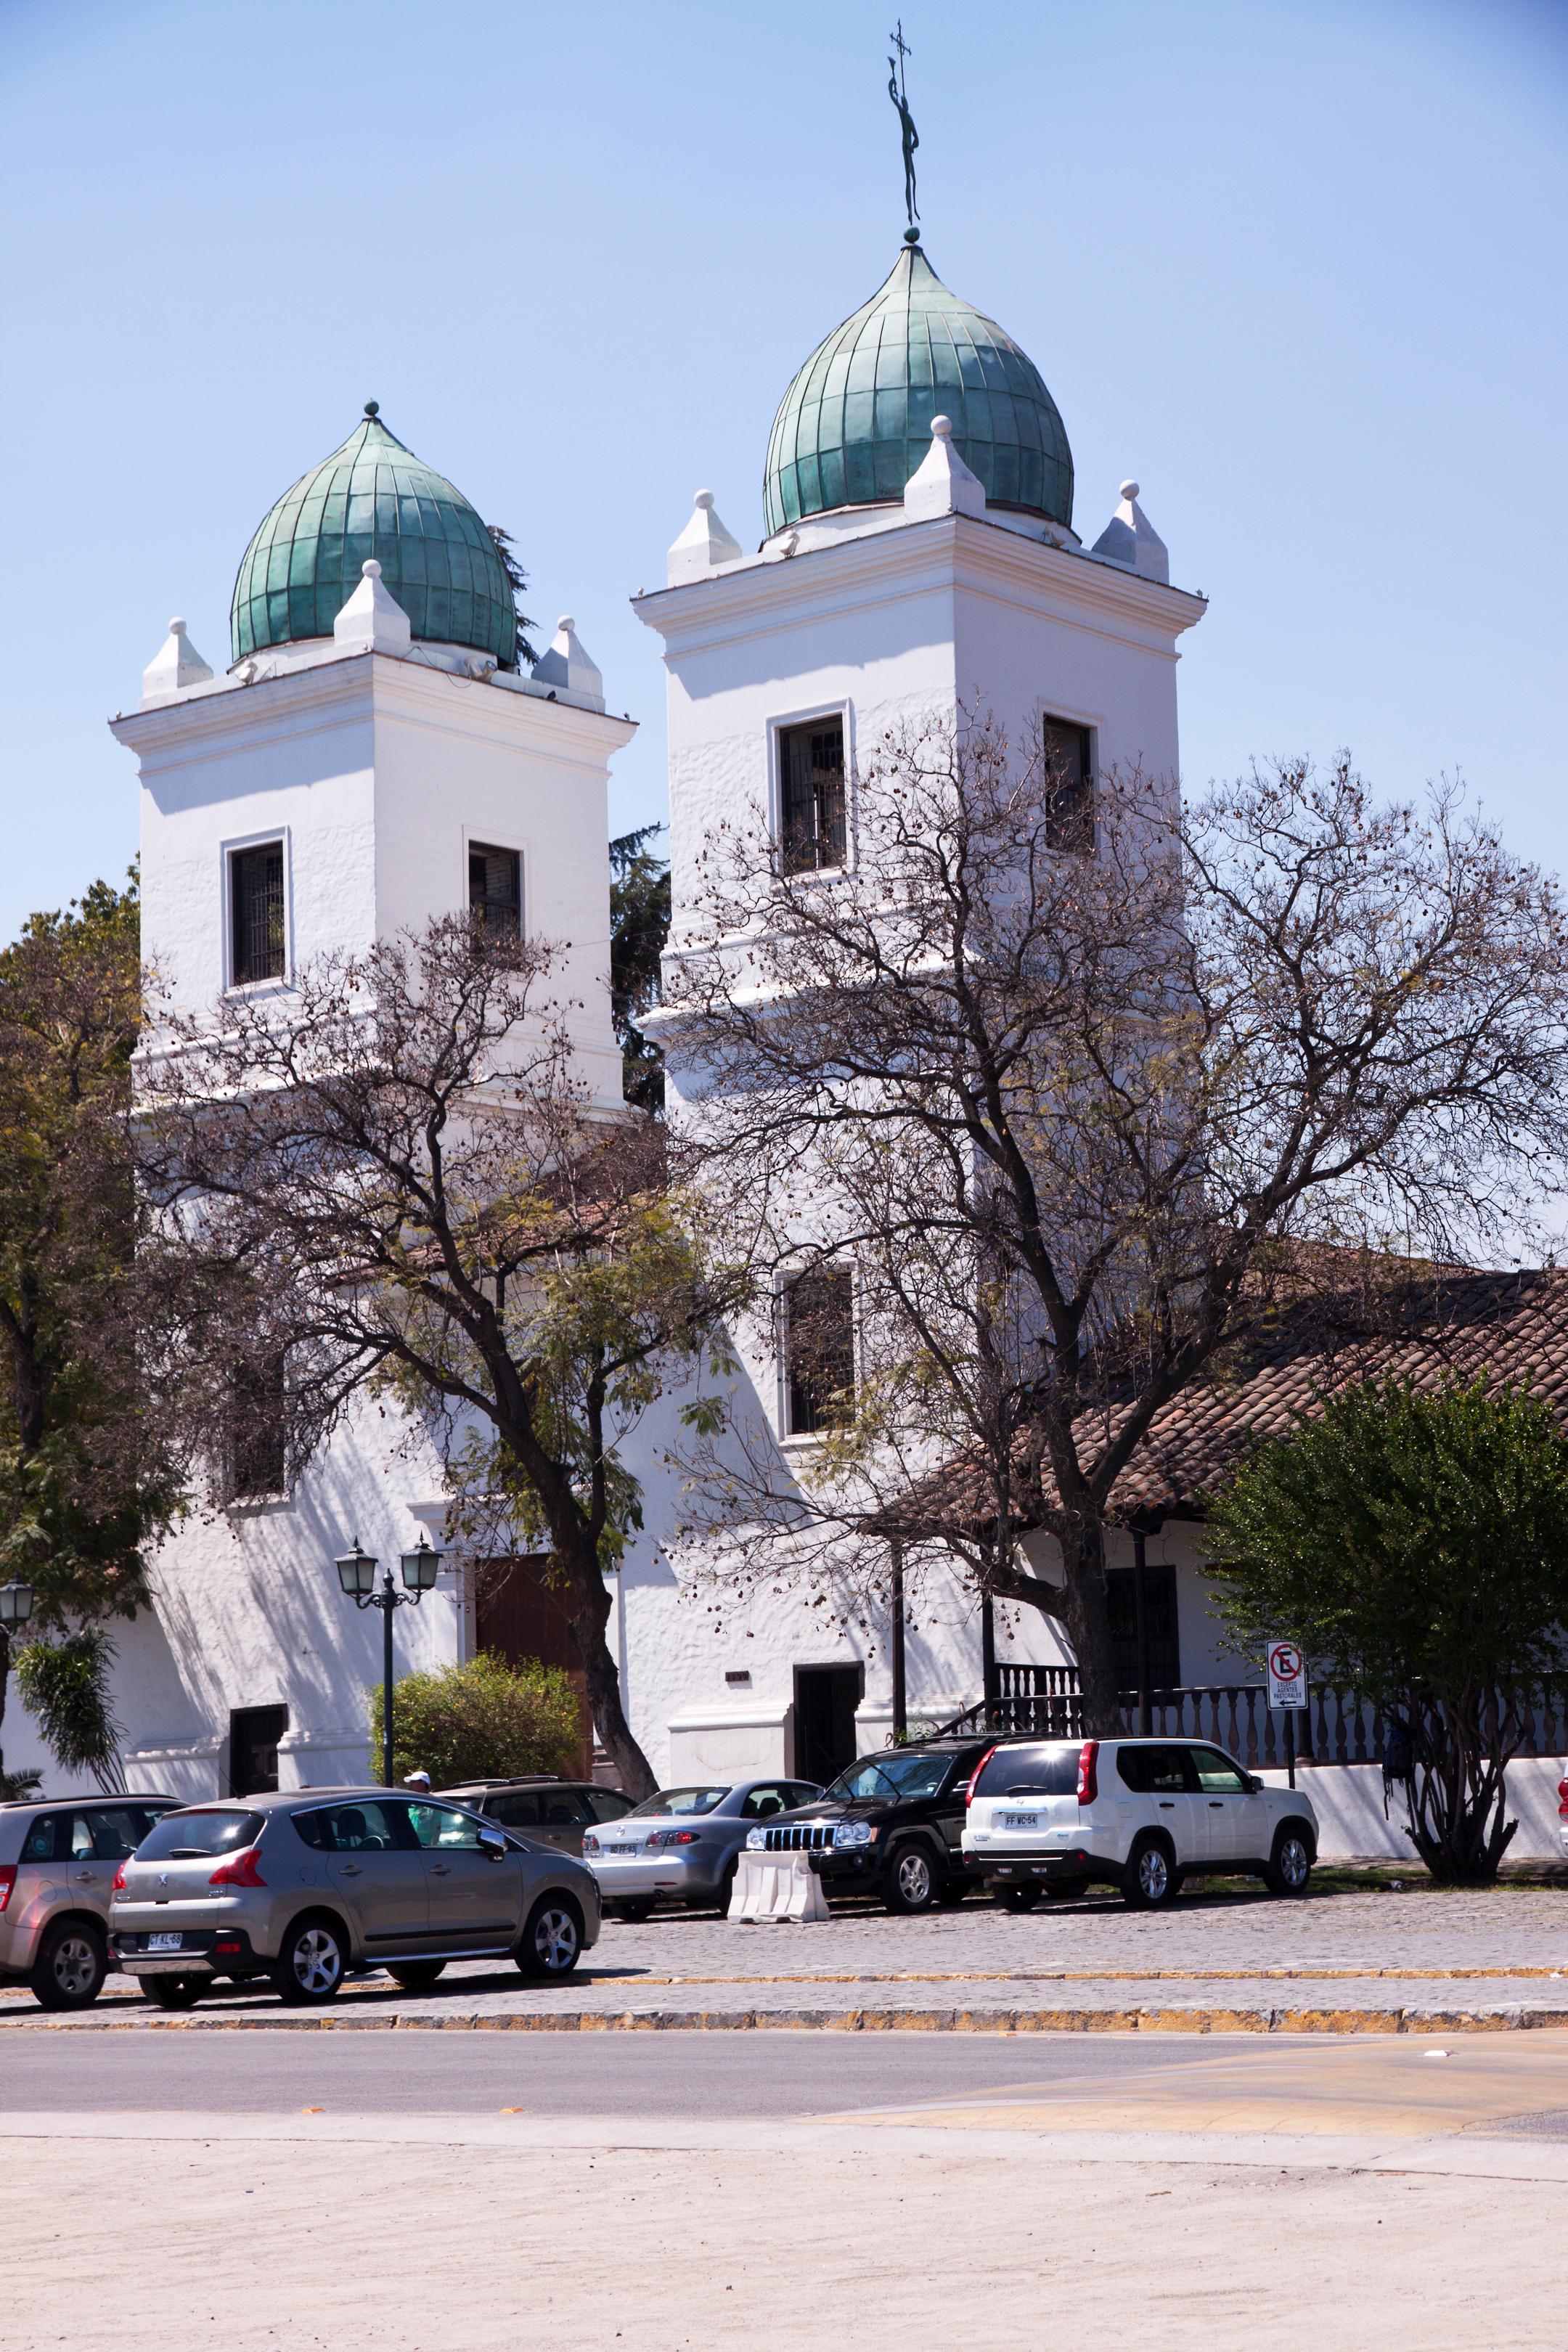 Pueblito Los Domingos, Santiago